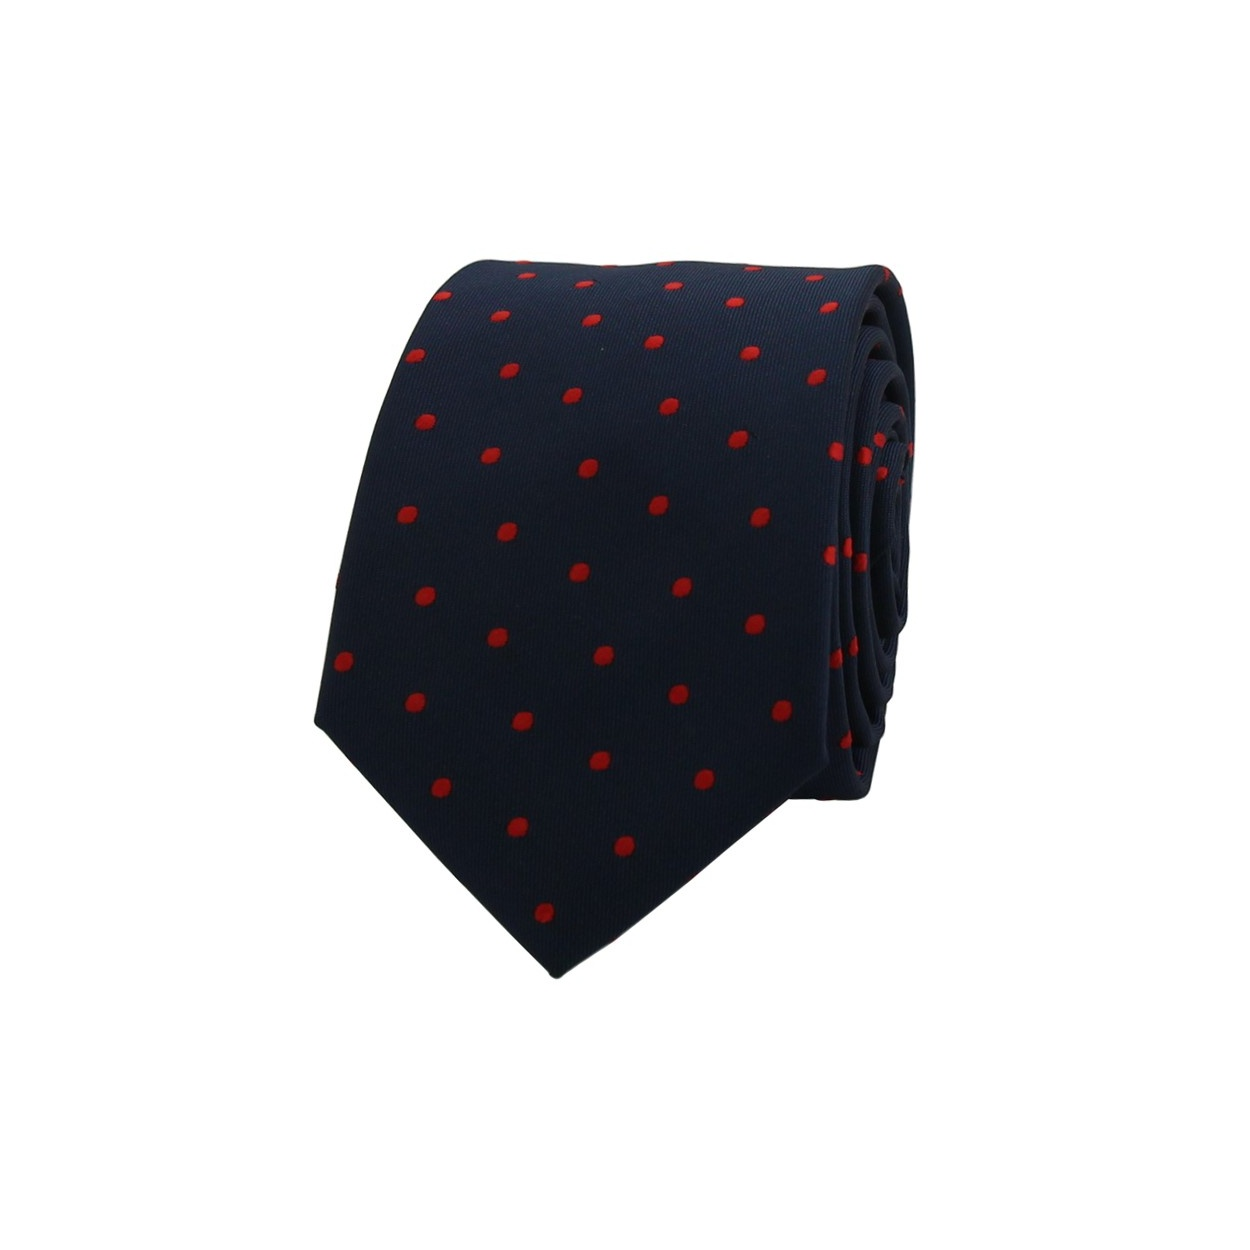 Tmavě modrá pánská kravata s červenými puntíky